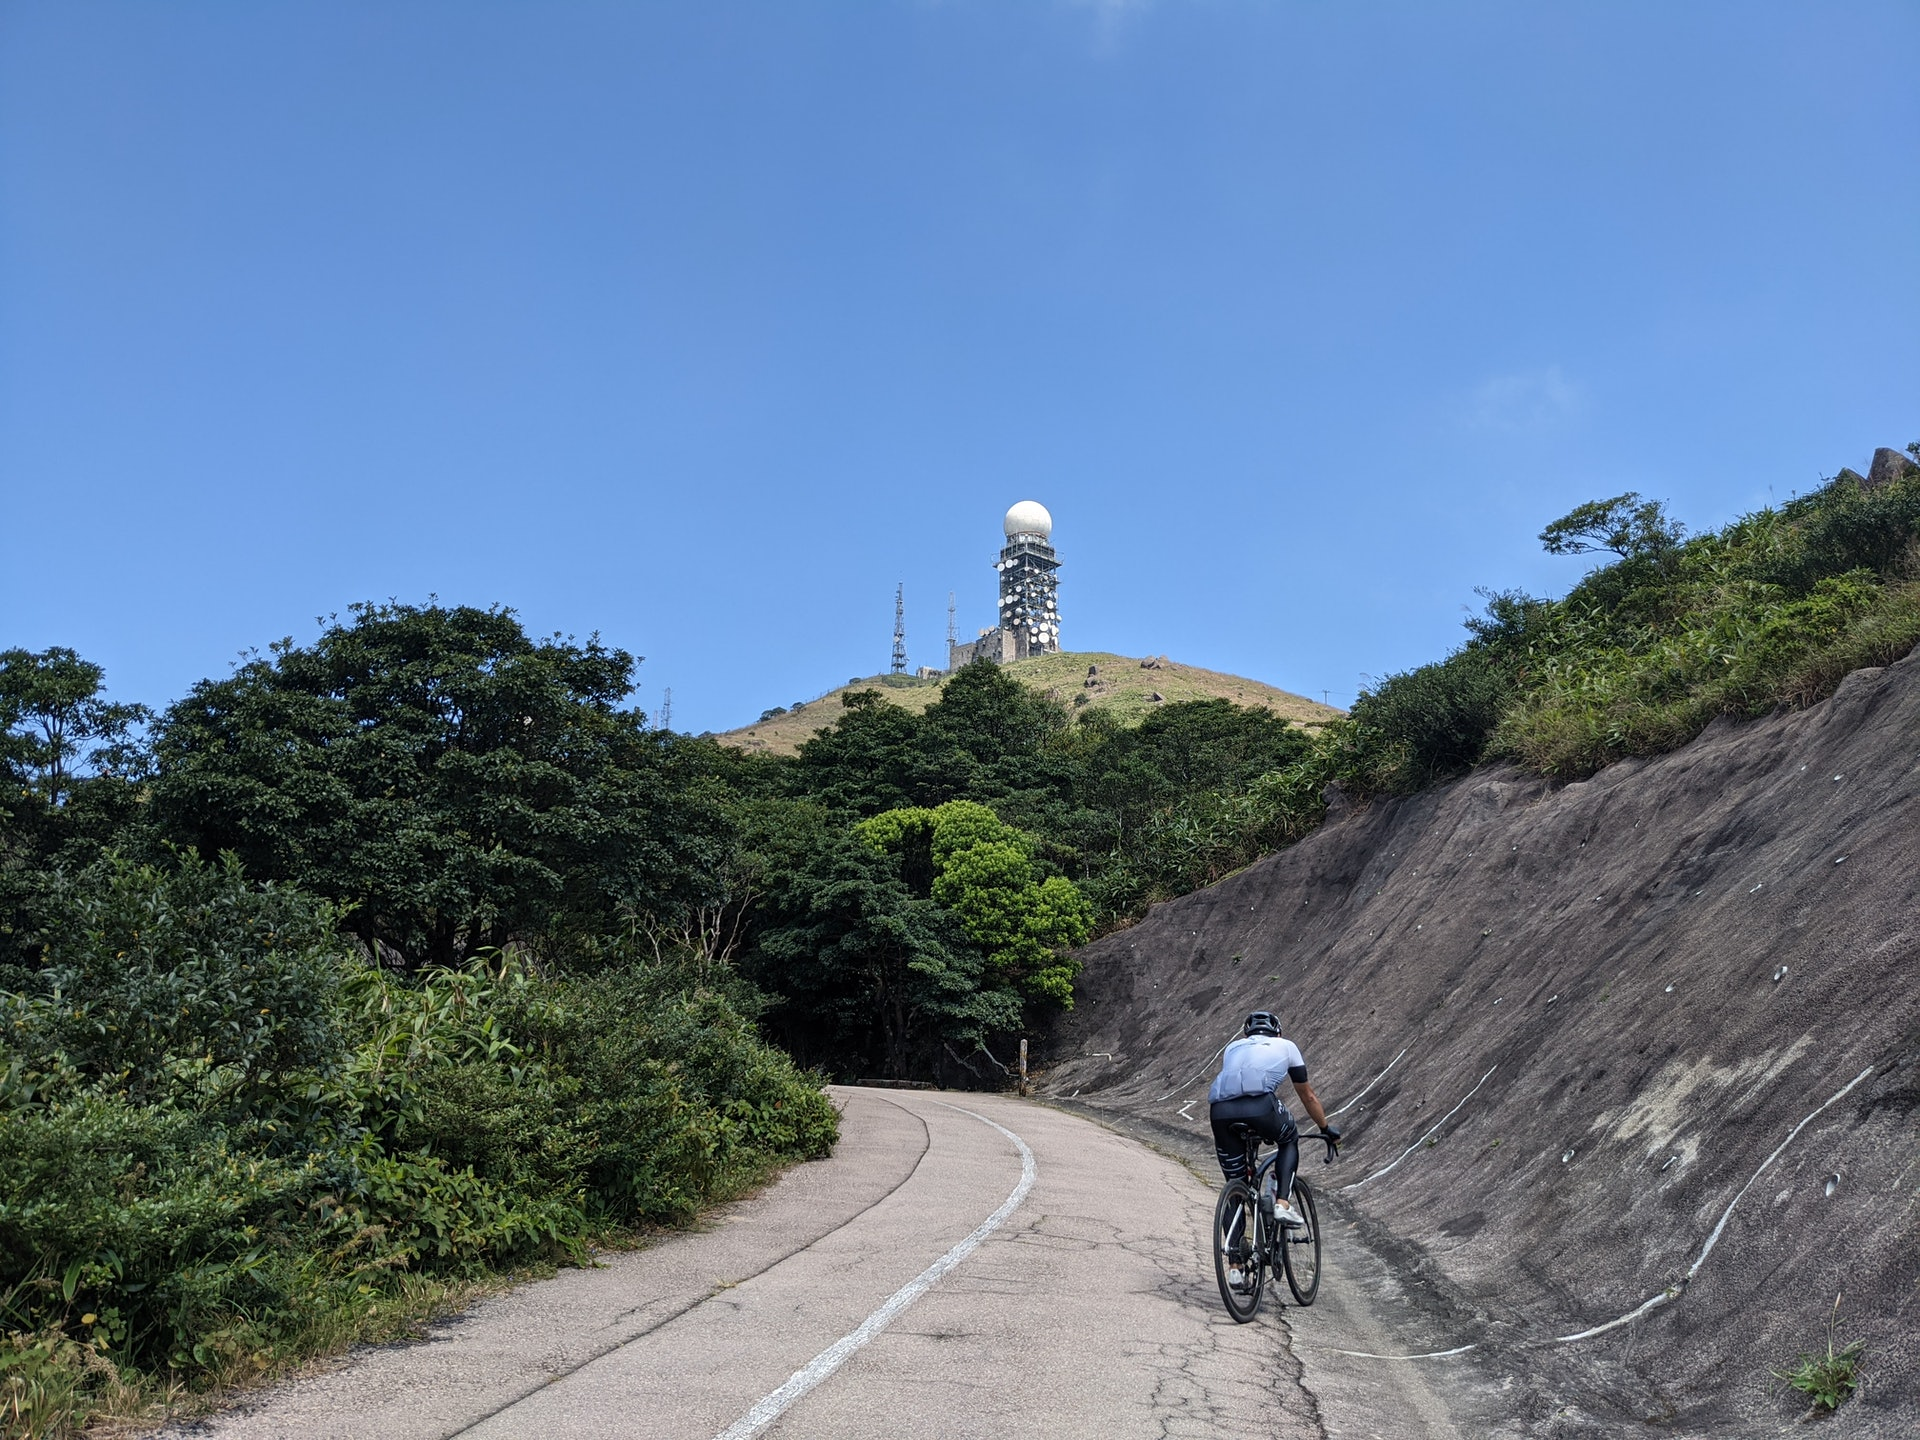 除了行山和練跑,更有意志堅定的單車手努力往上,令人十分佩服。大家聽到單車的聲音,記得禮讓。(李琬瑩攝)